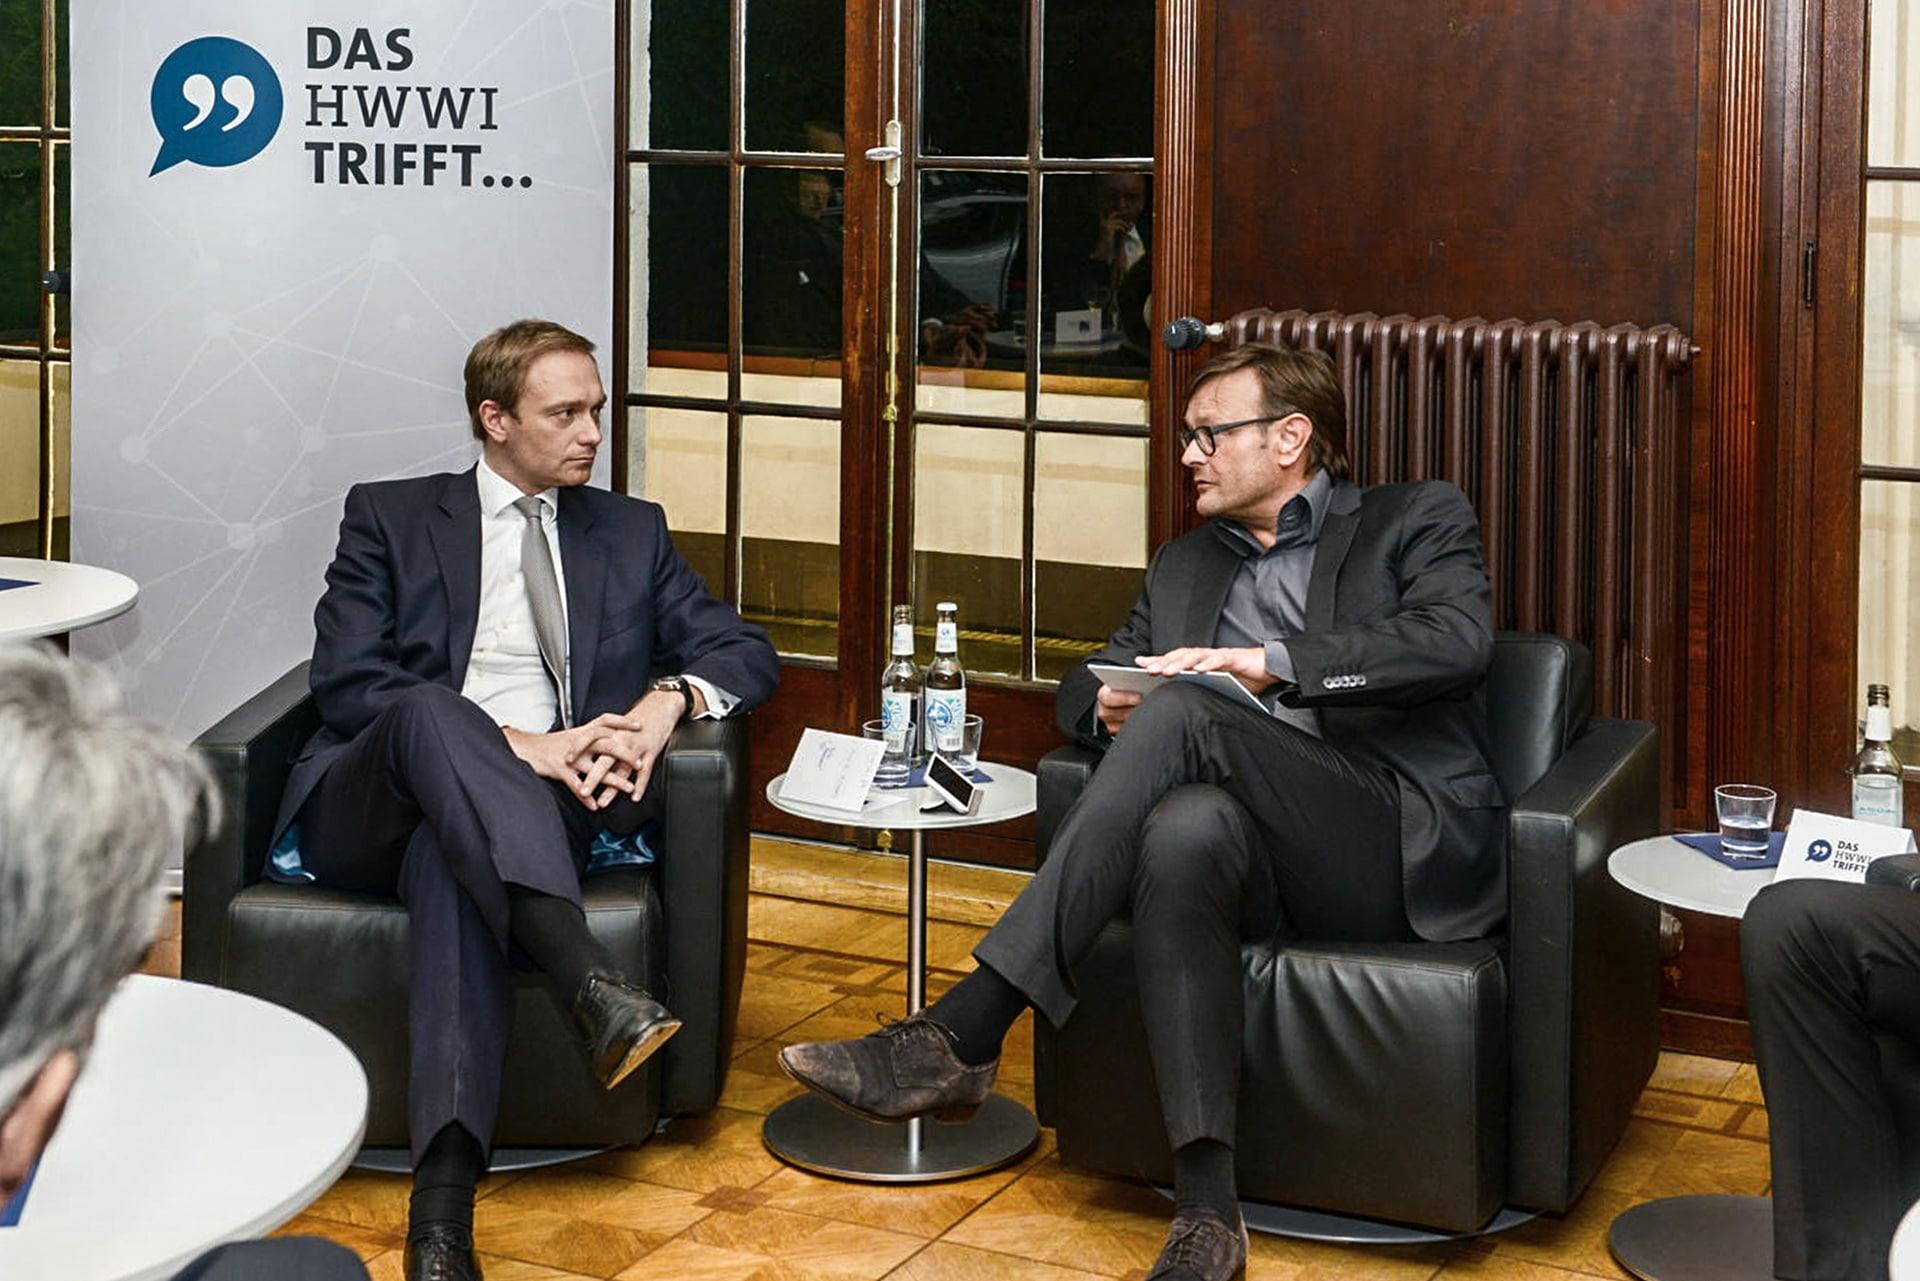 der-pfeiffer-moderation-politischer-interviewer